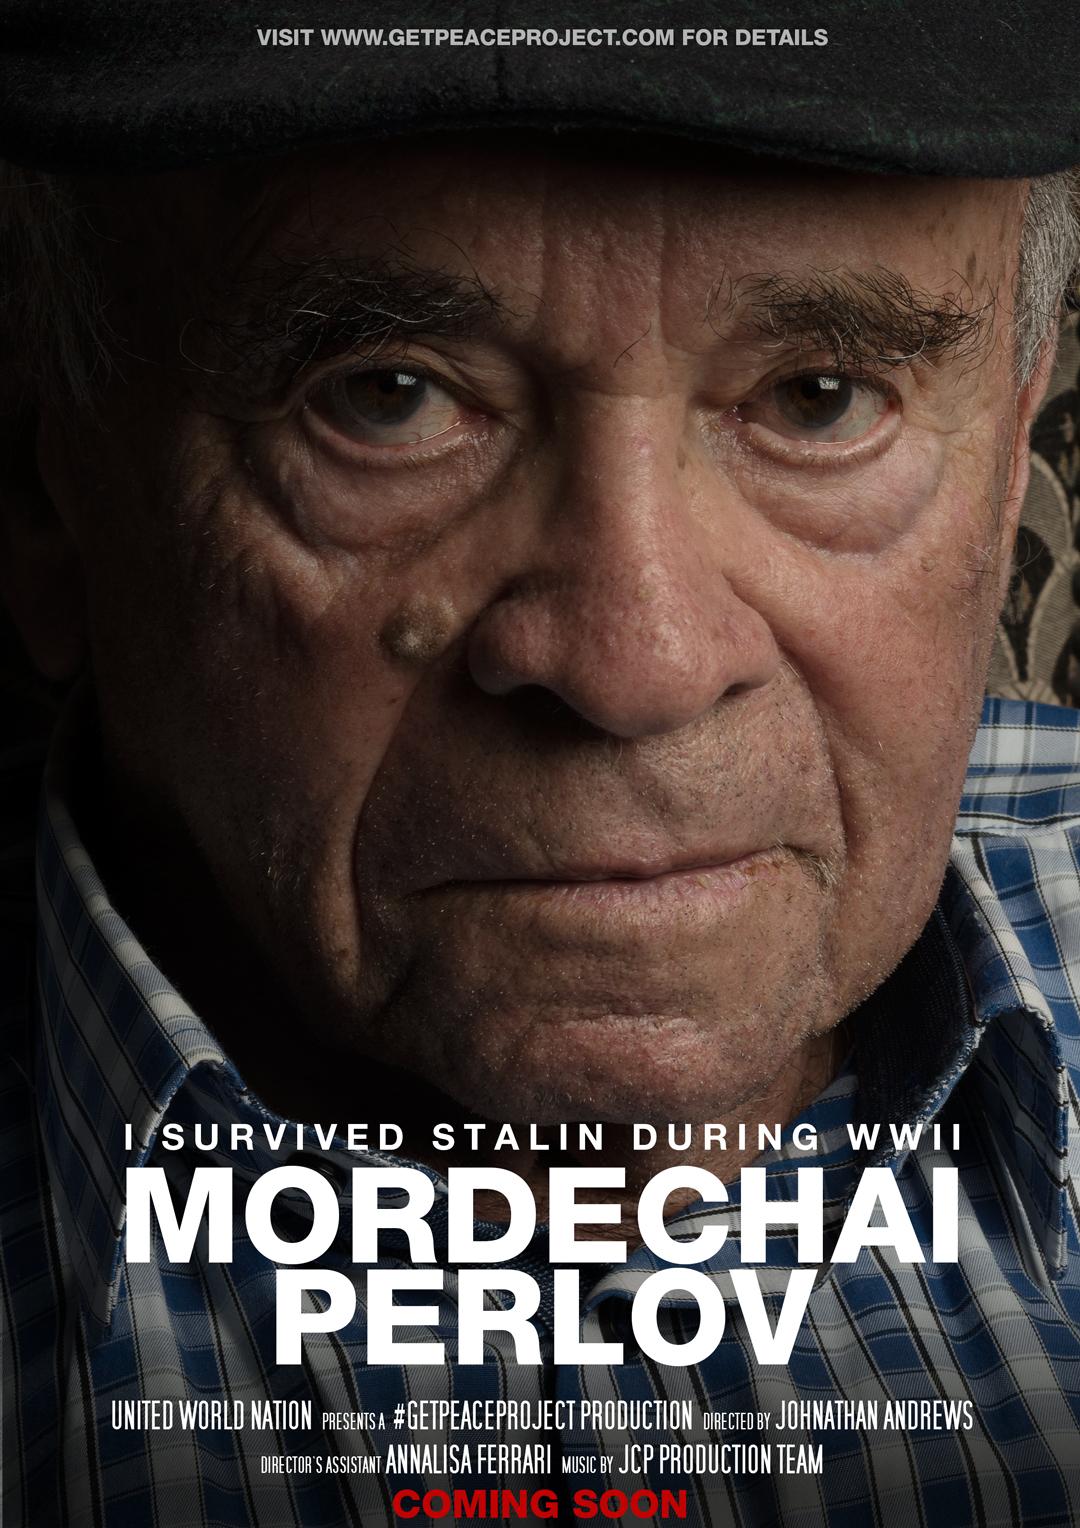 Mordechai Perlov